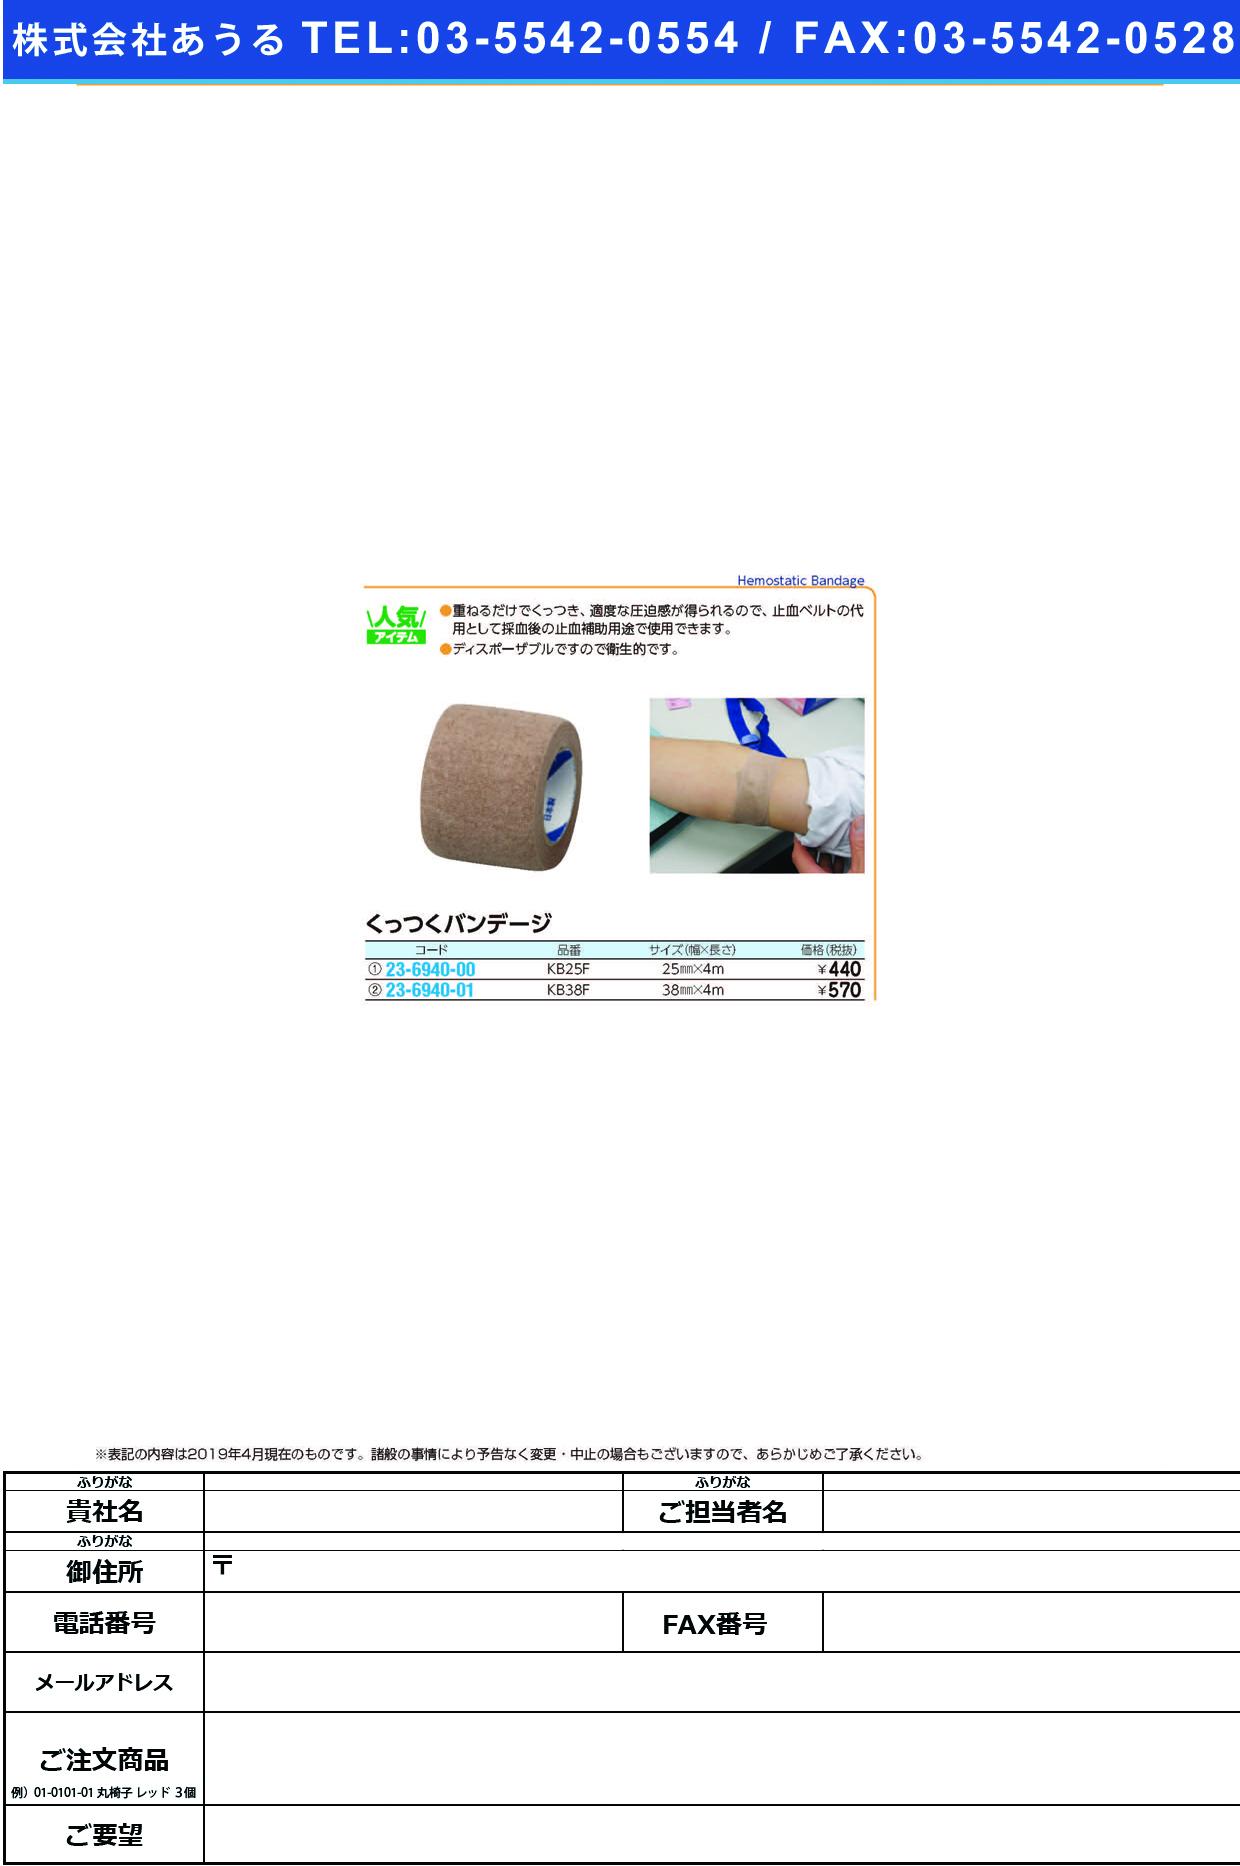 (23-6940-00)BWくっつくバンデージ KB25F(25MMX4M) BWクッツクバンデージ(ニチバン)【1個単位】【2019年カタログ商品】